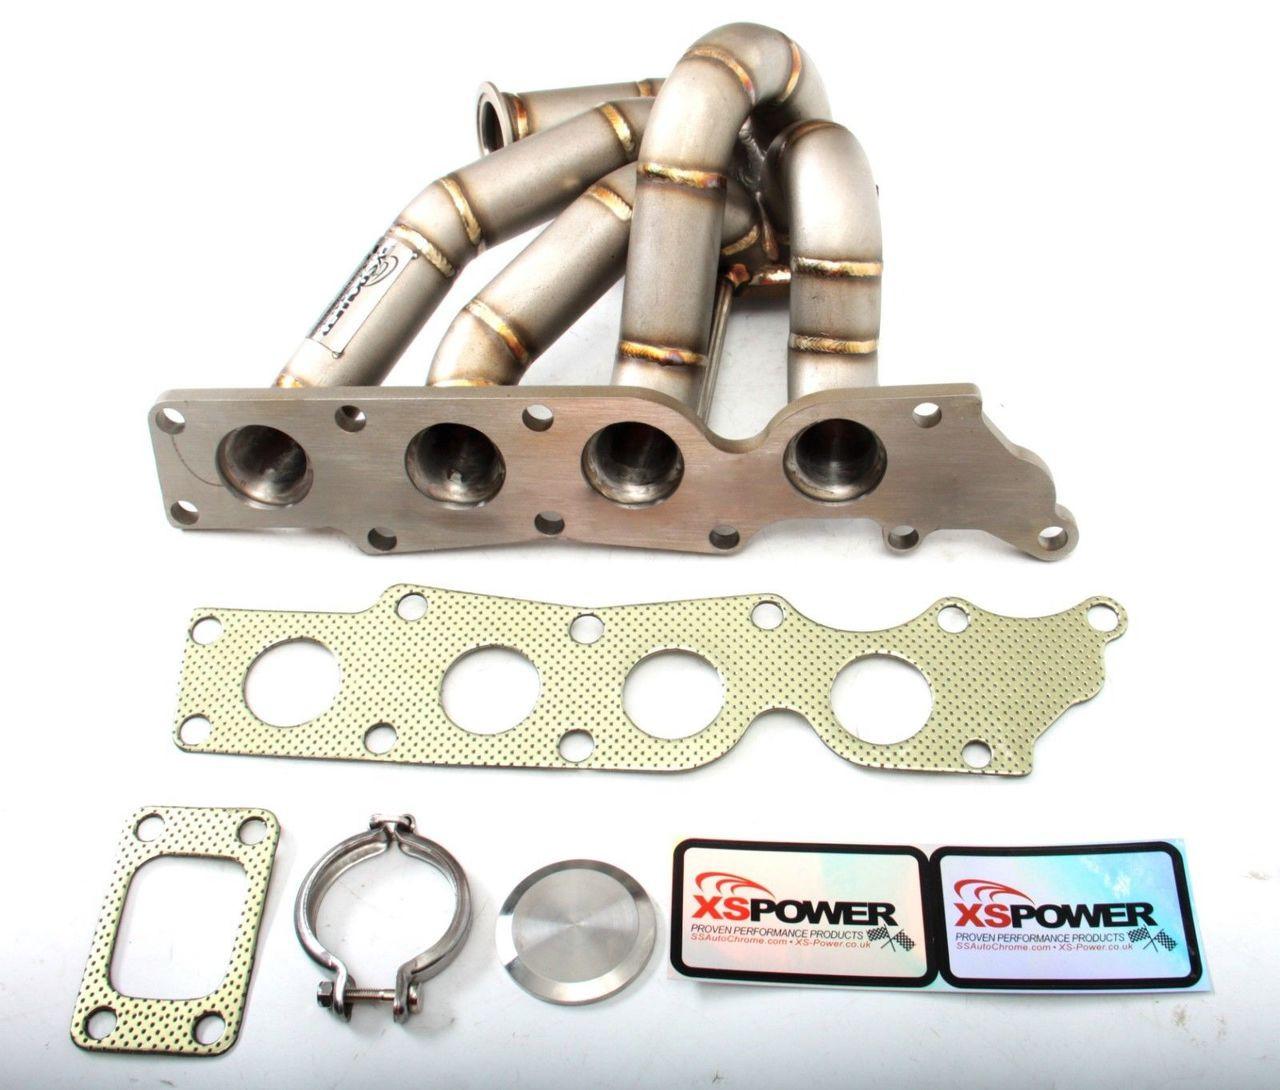 t3 t4 turbo manifold for mazda 3 6 cx 7 2 3l mzr disi mps